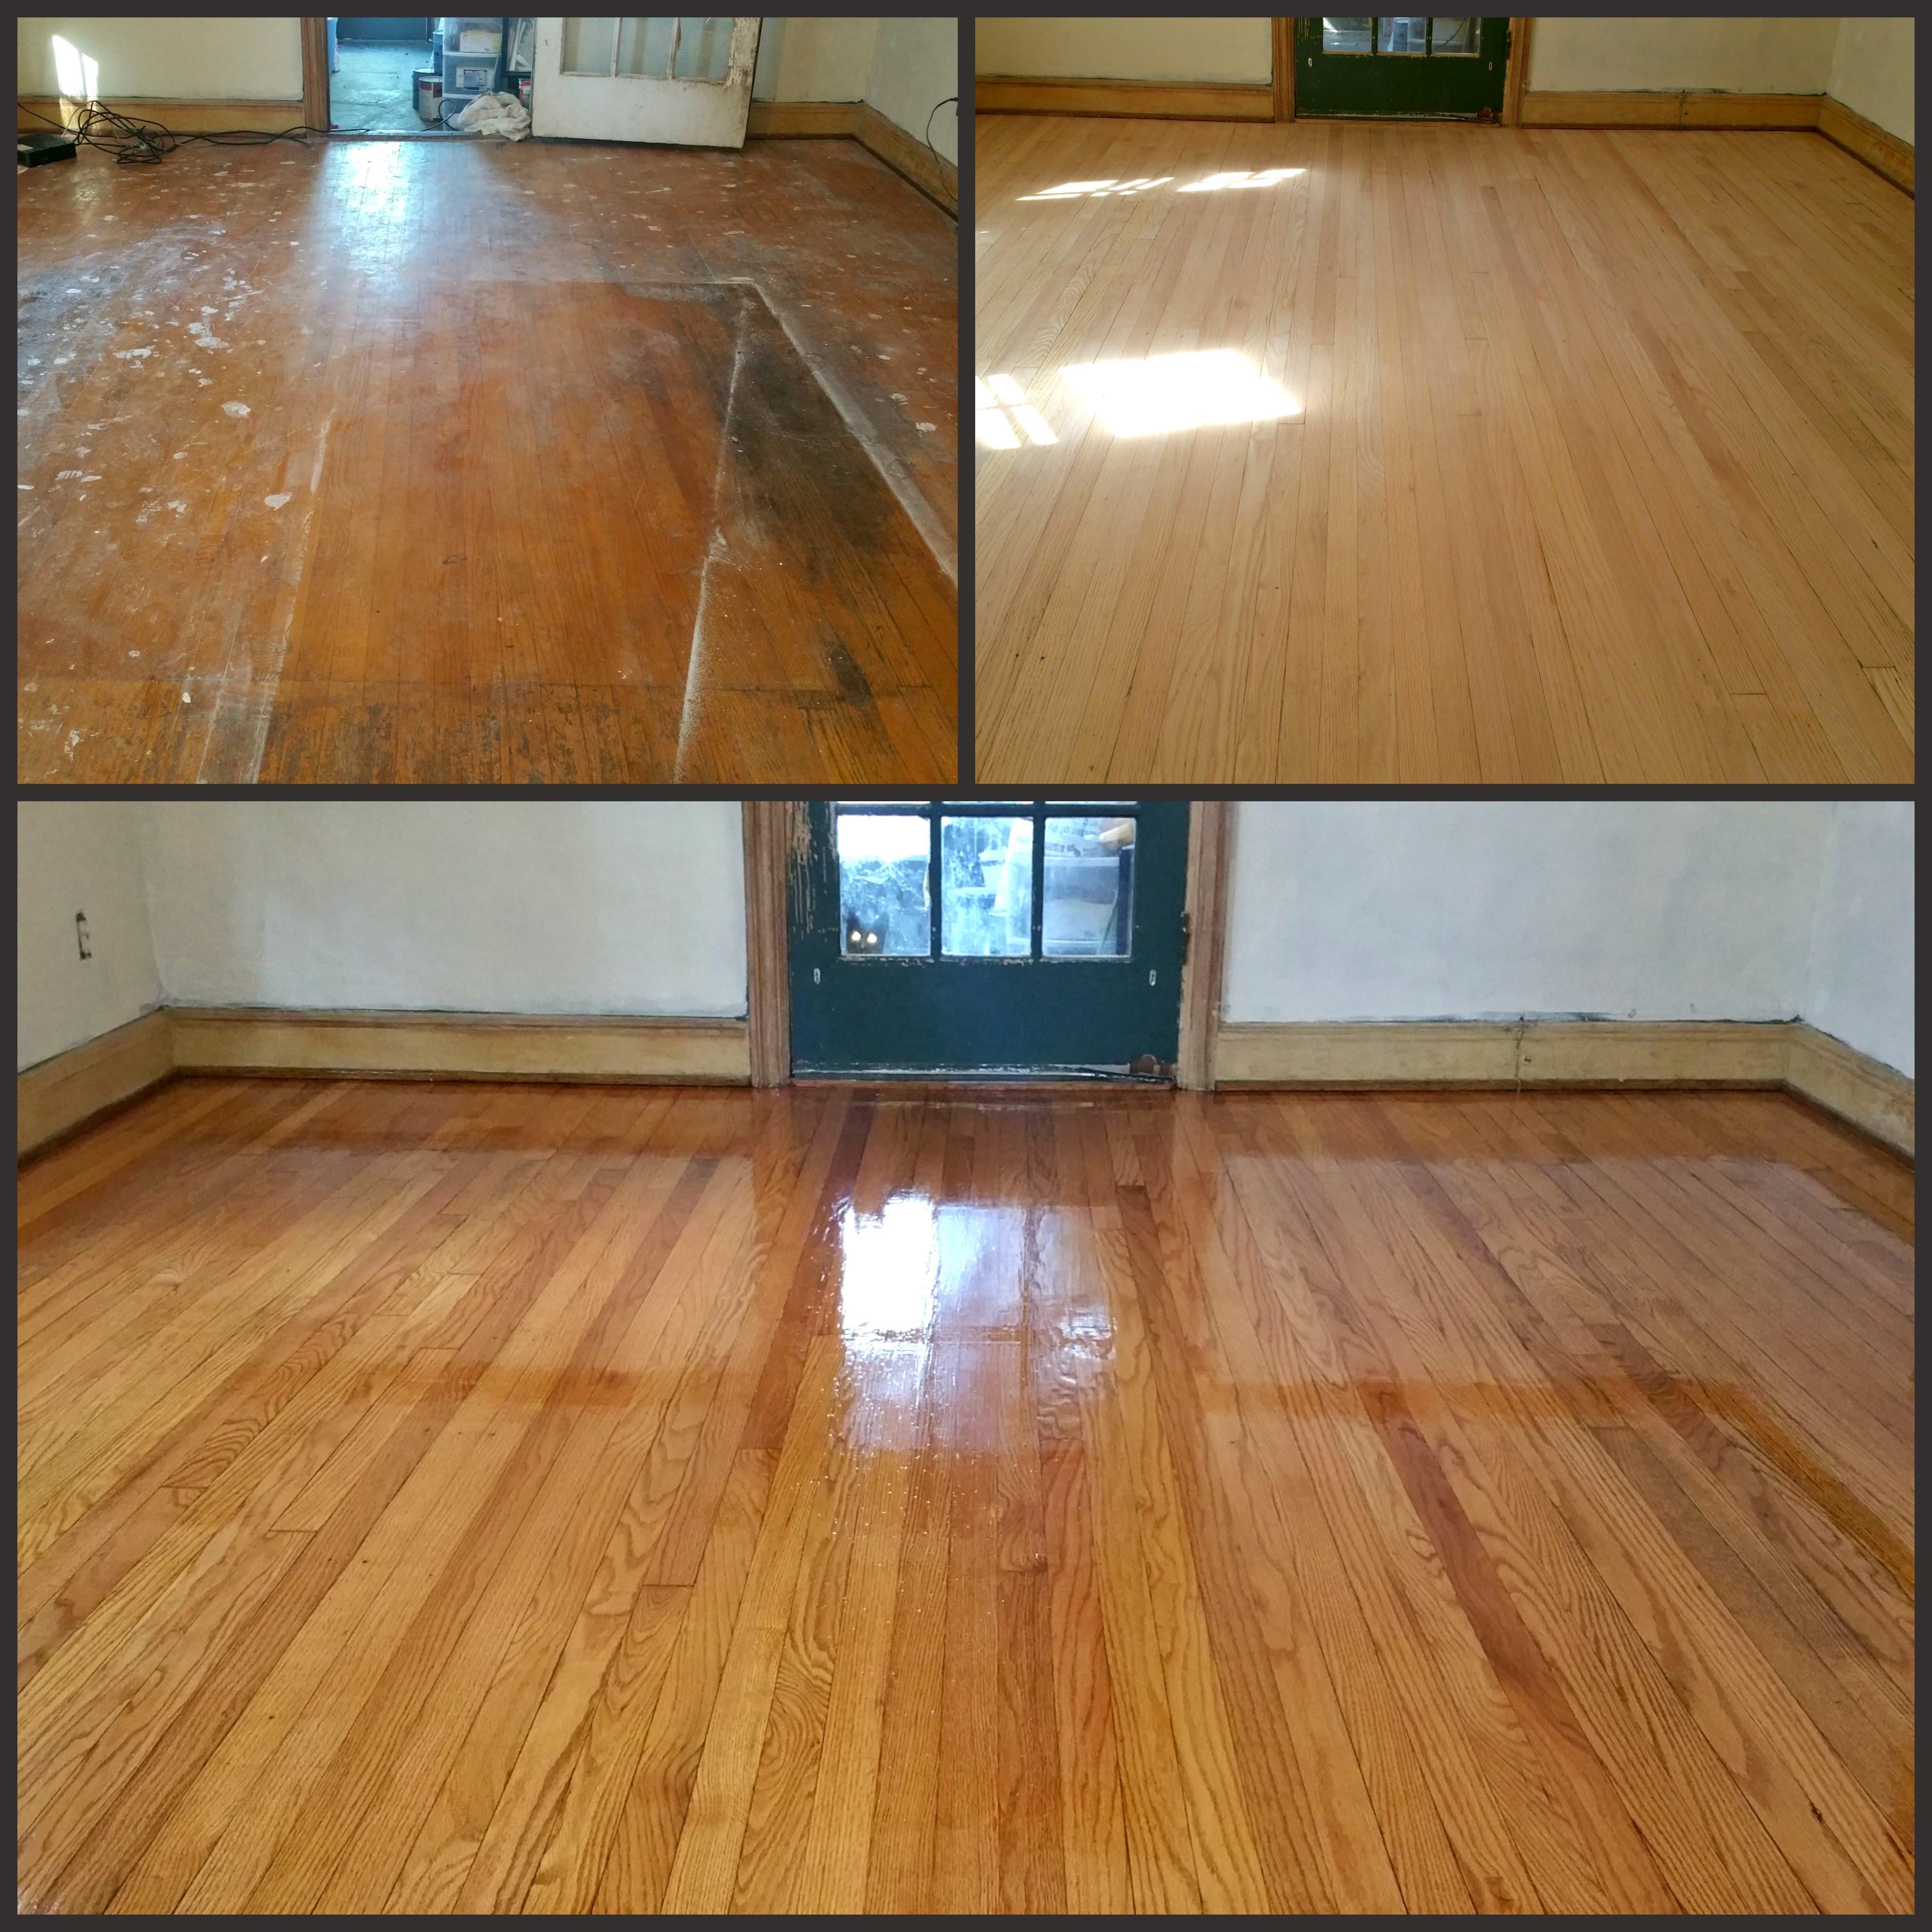 hardwood floor refinishing raleigh nc of floor refinishing company hardwood floors service by cris floor throughout floor refinishing company hardwood floors service by cris